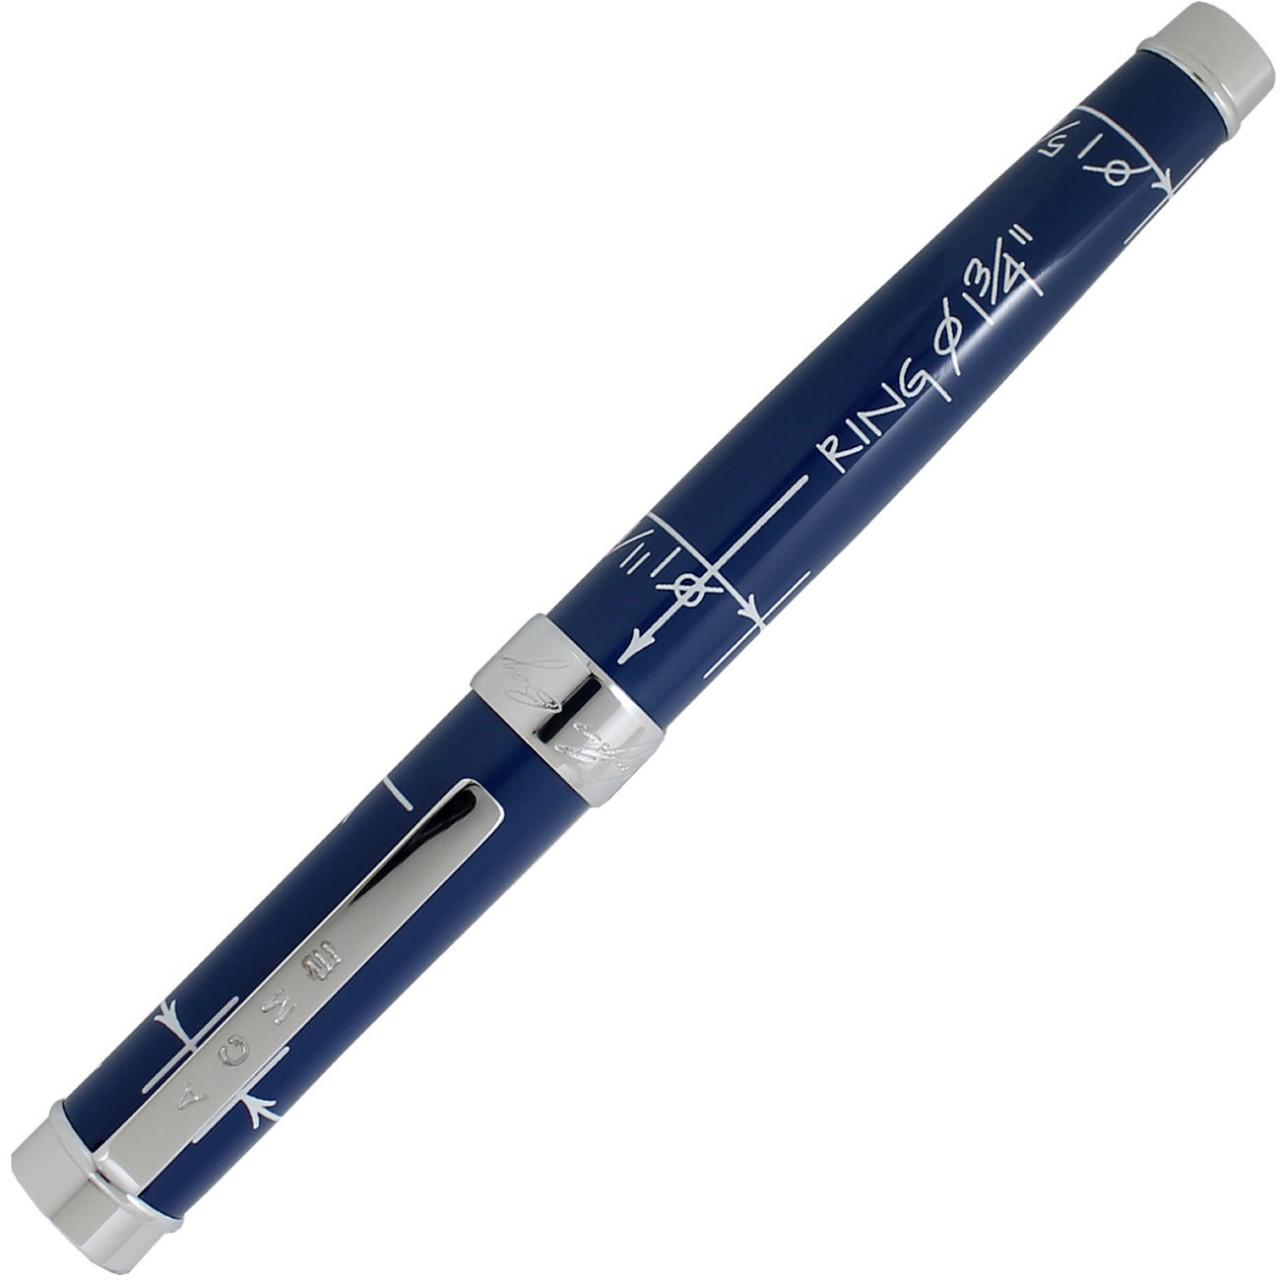 ACME Blueprint  Roller